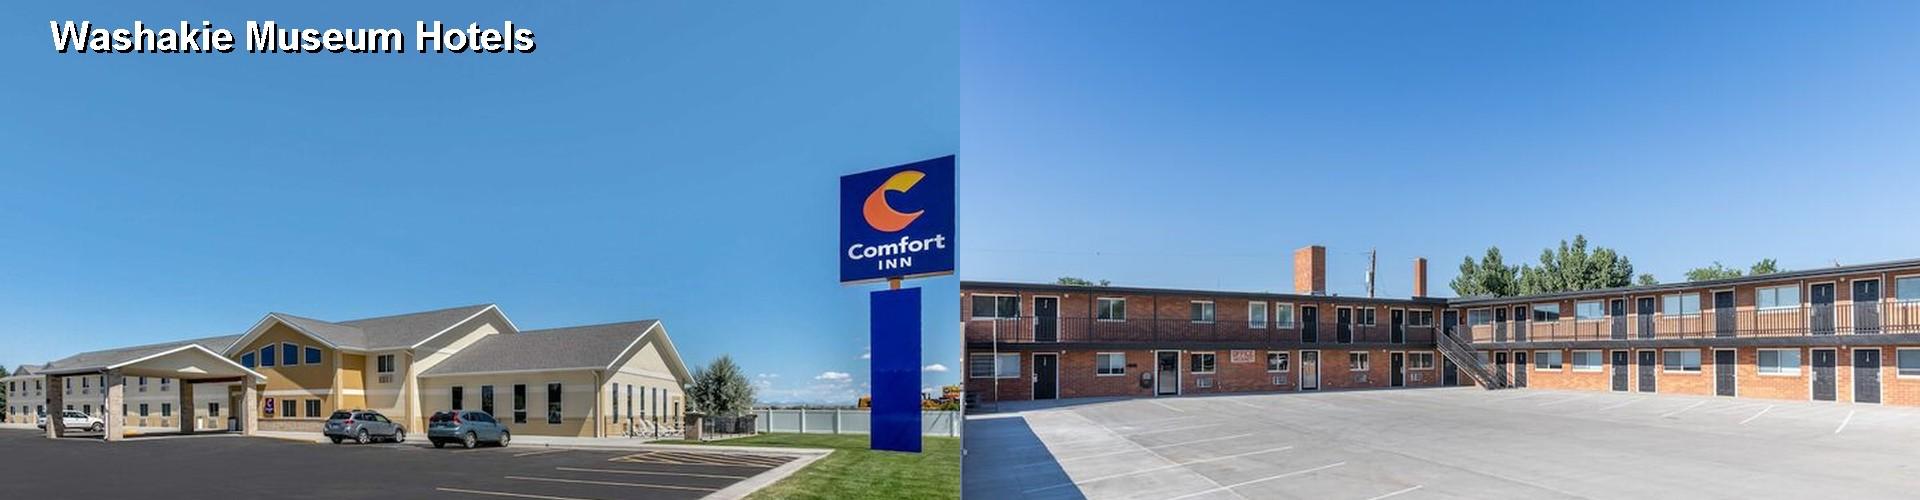 3 Best Hotels Near Washakie Museum